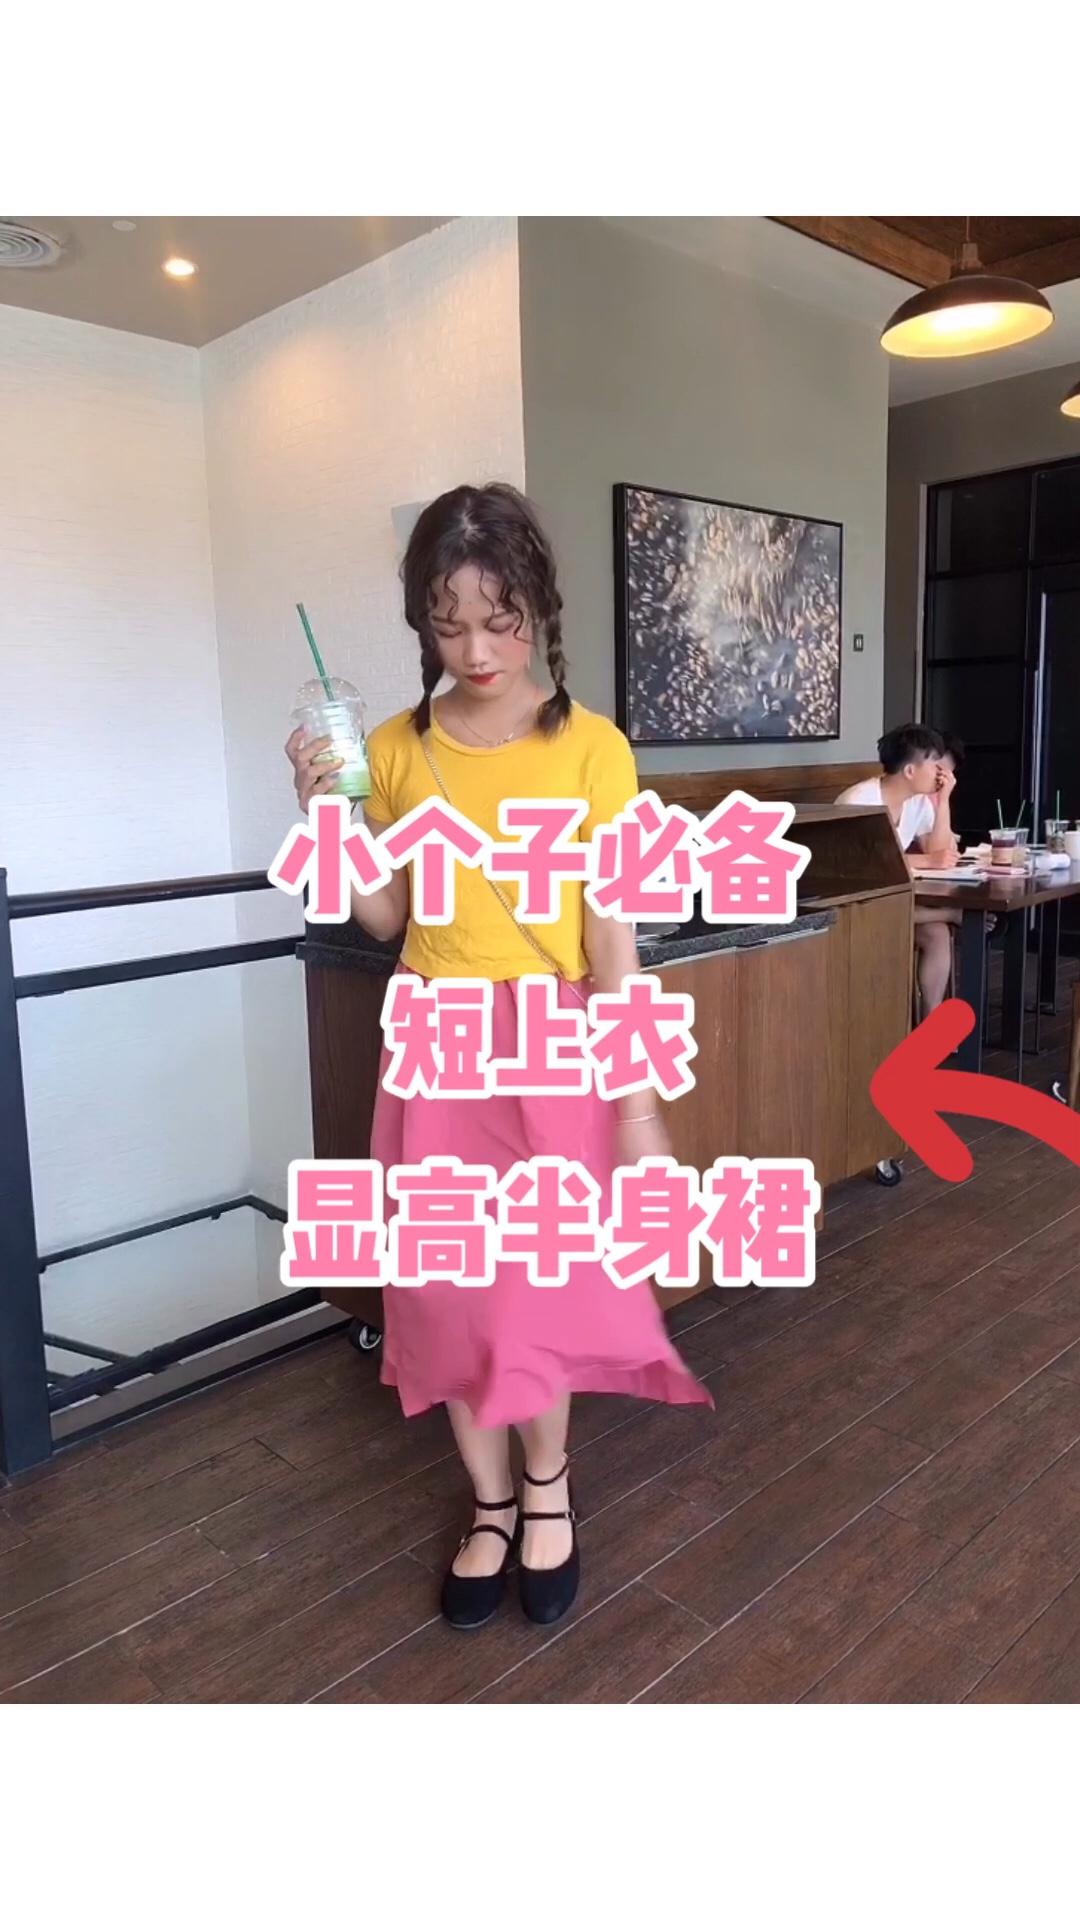 黄色短款➕粉色裙子➕包包➕奶奶鞋 🔗上衣:zara 🔗裙子:朴正义 黄色短款搭配粉色裙子 是不是很少女呀 这条黄色真的无敌显白呢 一直很少买粉色的我 今年终于对它下了手 搭配上我可爱的包包 整个人都可爱了许多哦 #点击收藏!小长假拍照姿势get#